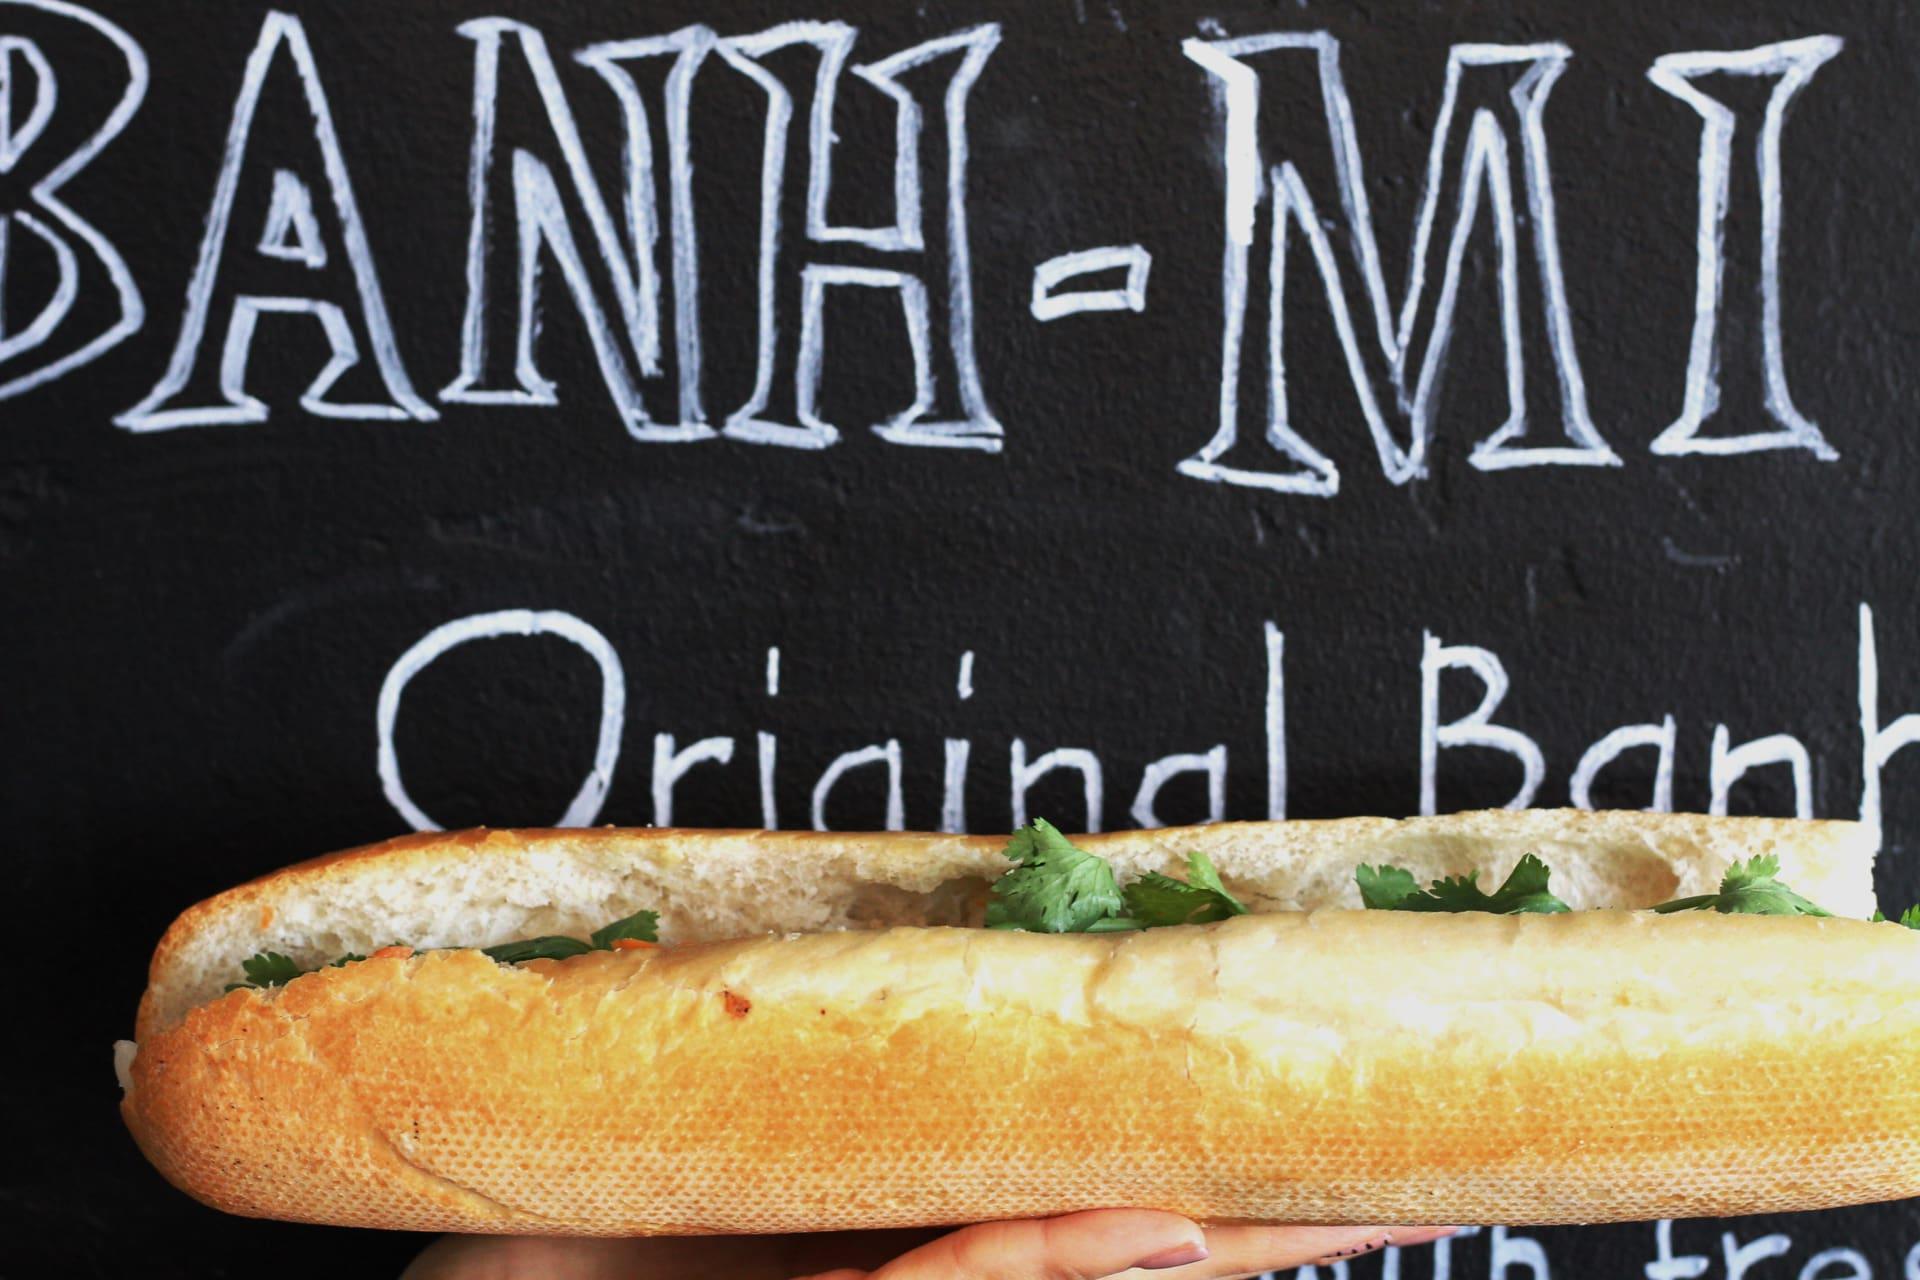 Chicken Banh - Mi